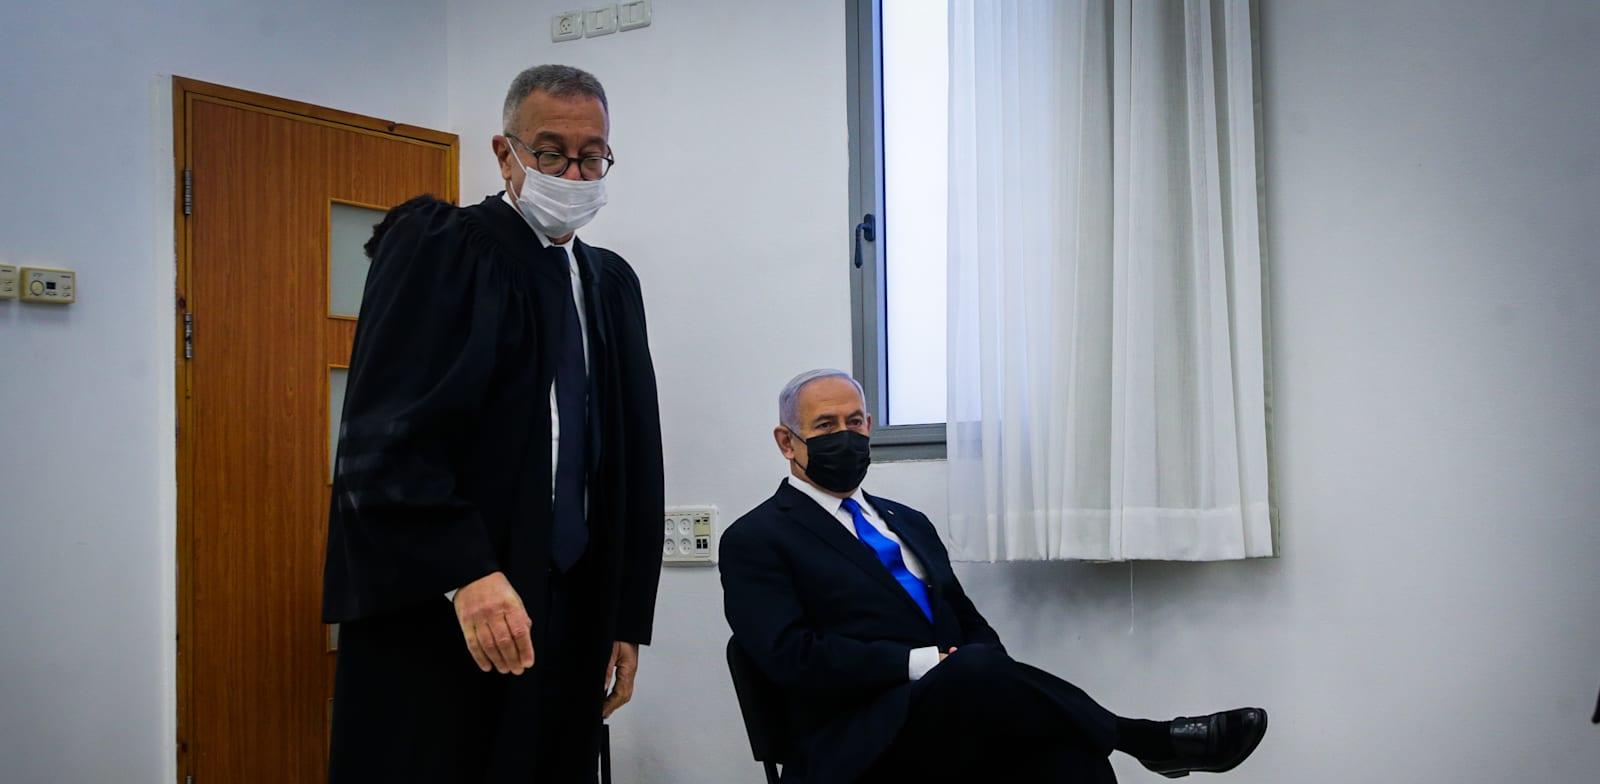 """בנימין נתניהו עם פרקליטו, עו""""ד בעז בן-צור, במשפט היום / צילום: אורן בן חקון"""